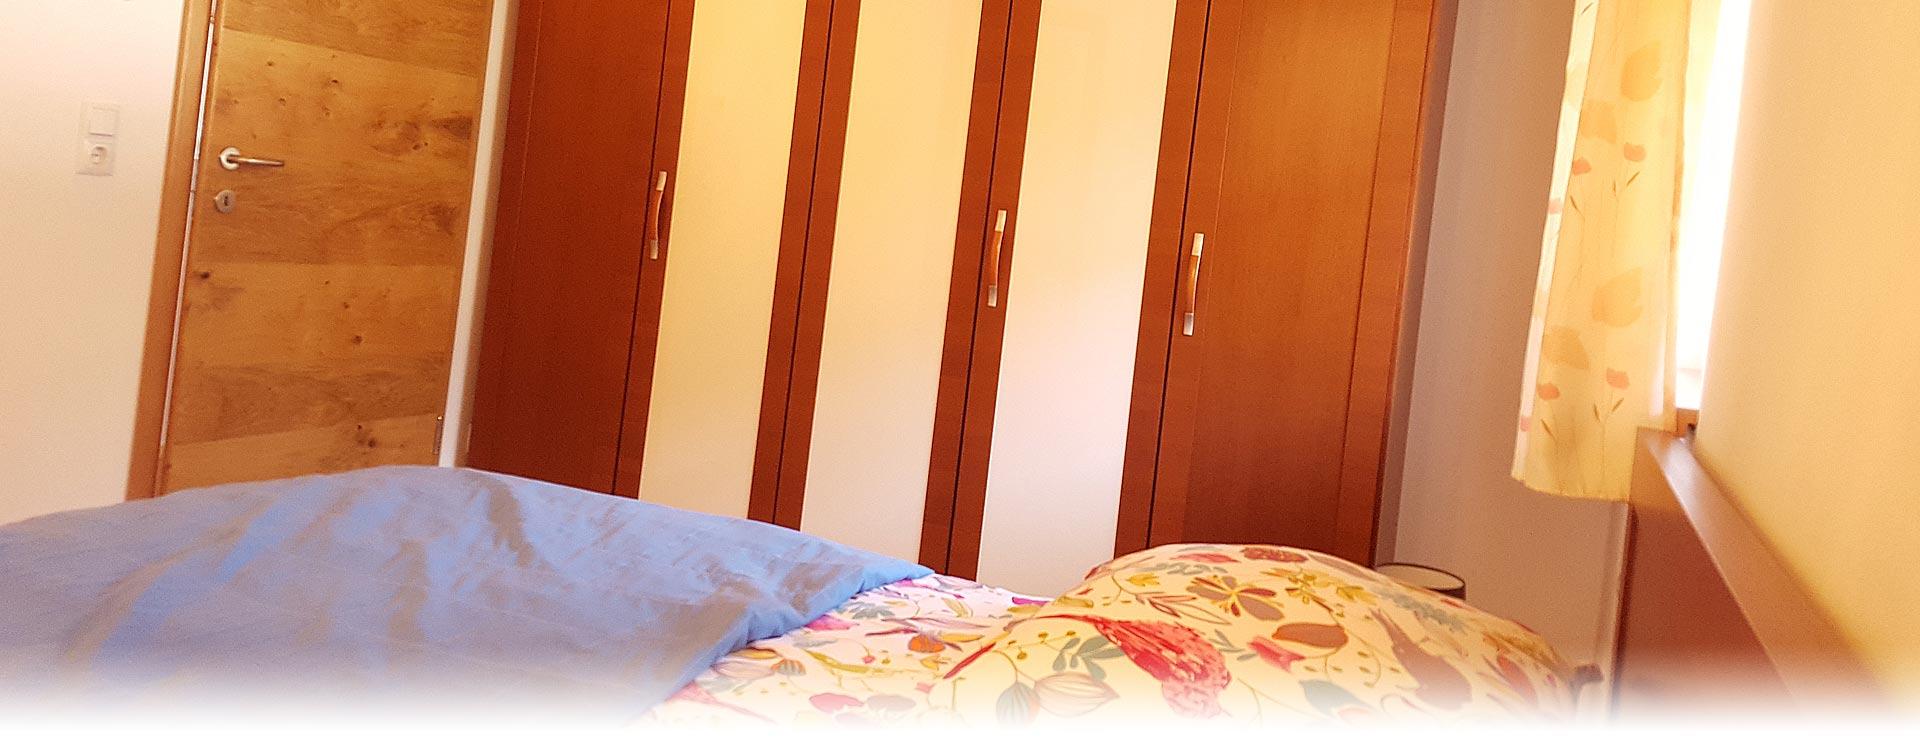 Appartement Inntal